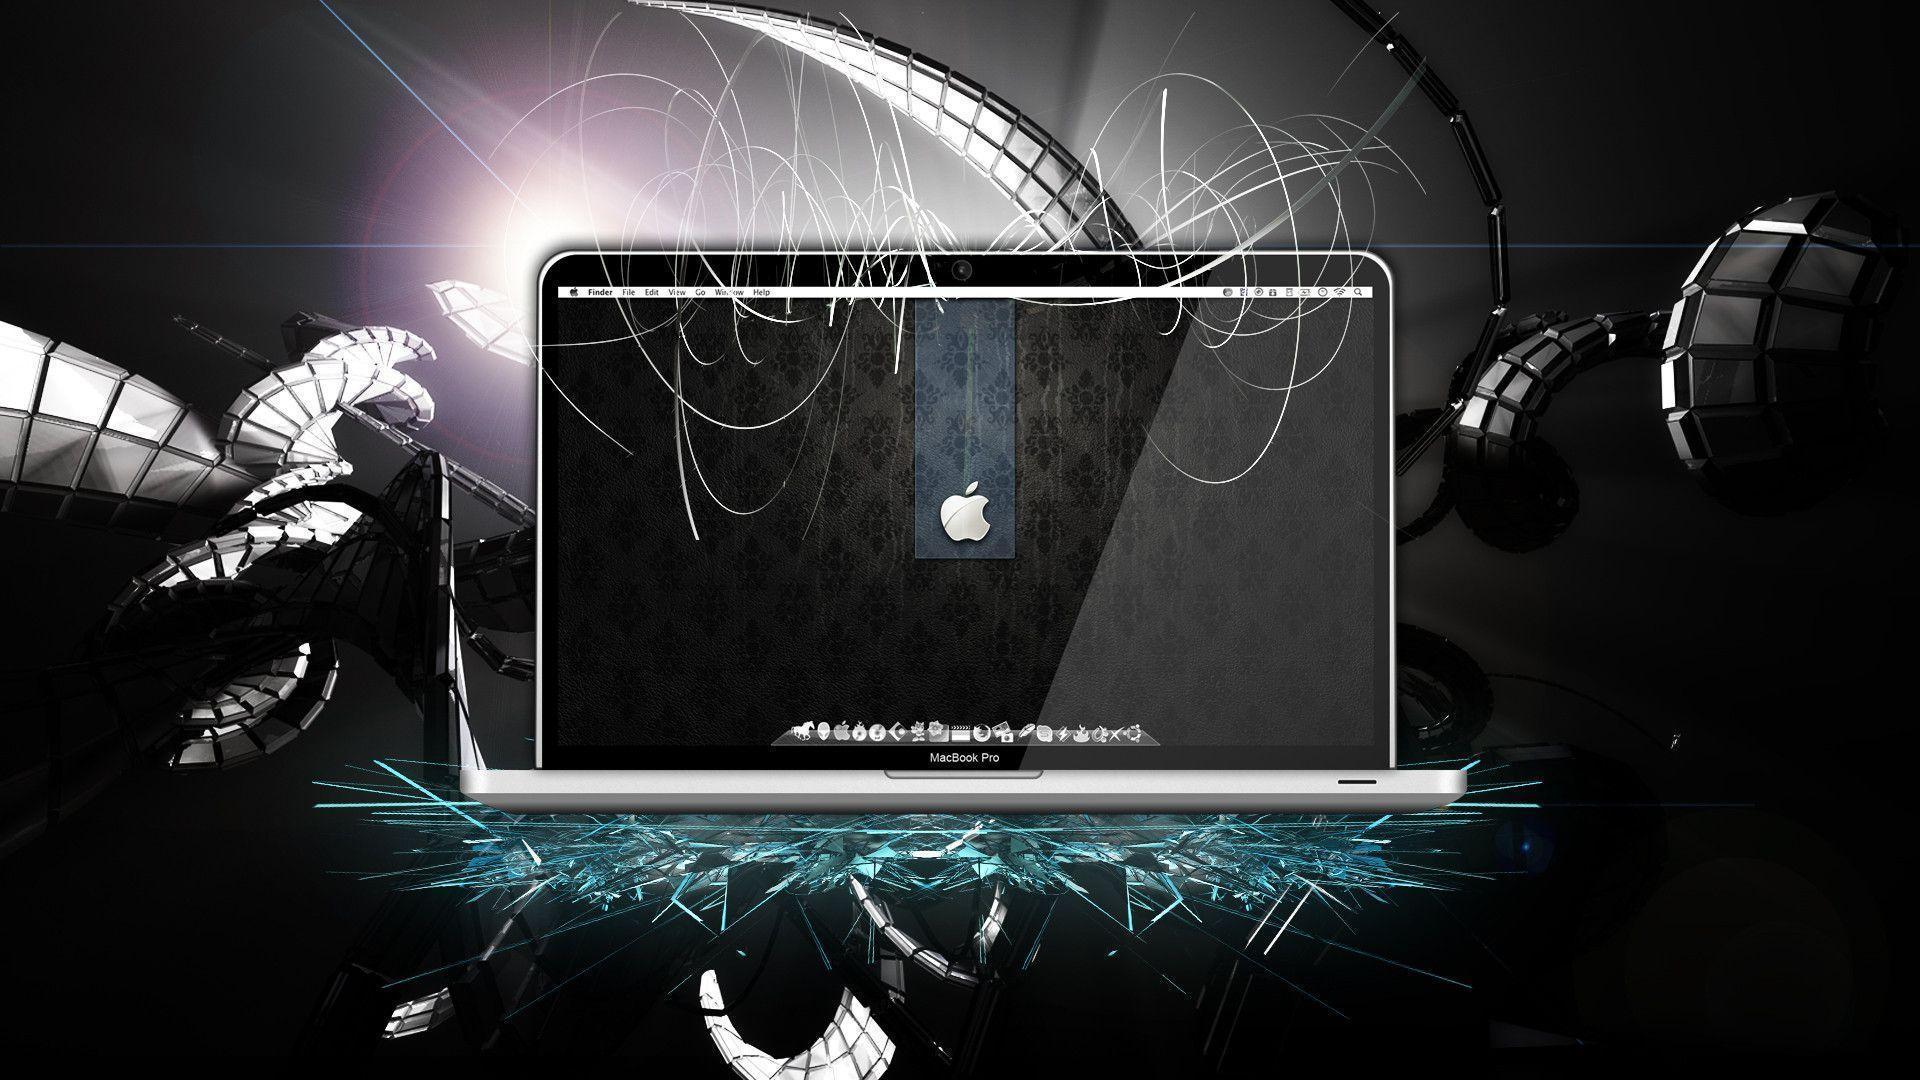 MacBook Pro Wallpapers - Wallpaper Cave